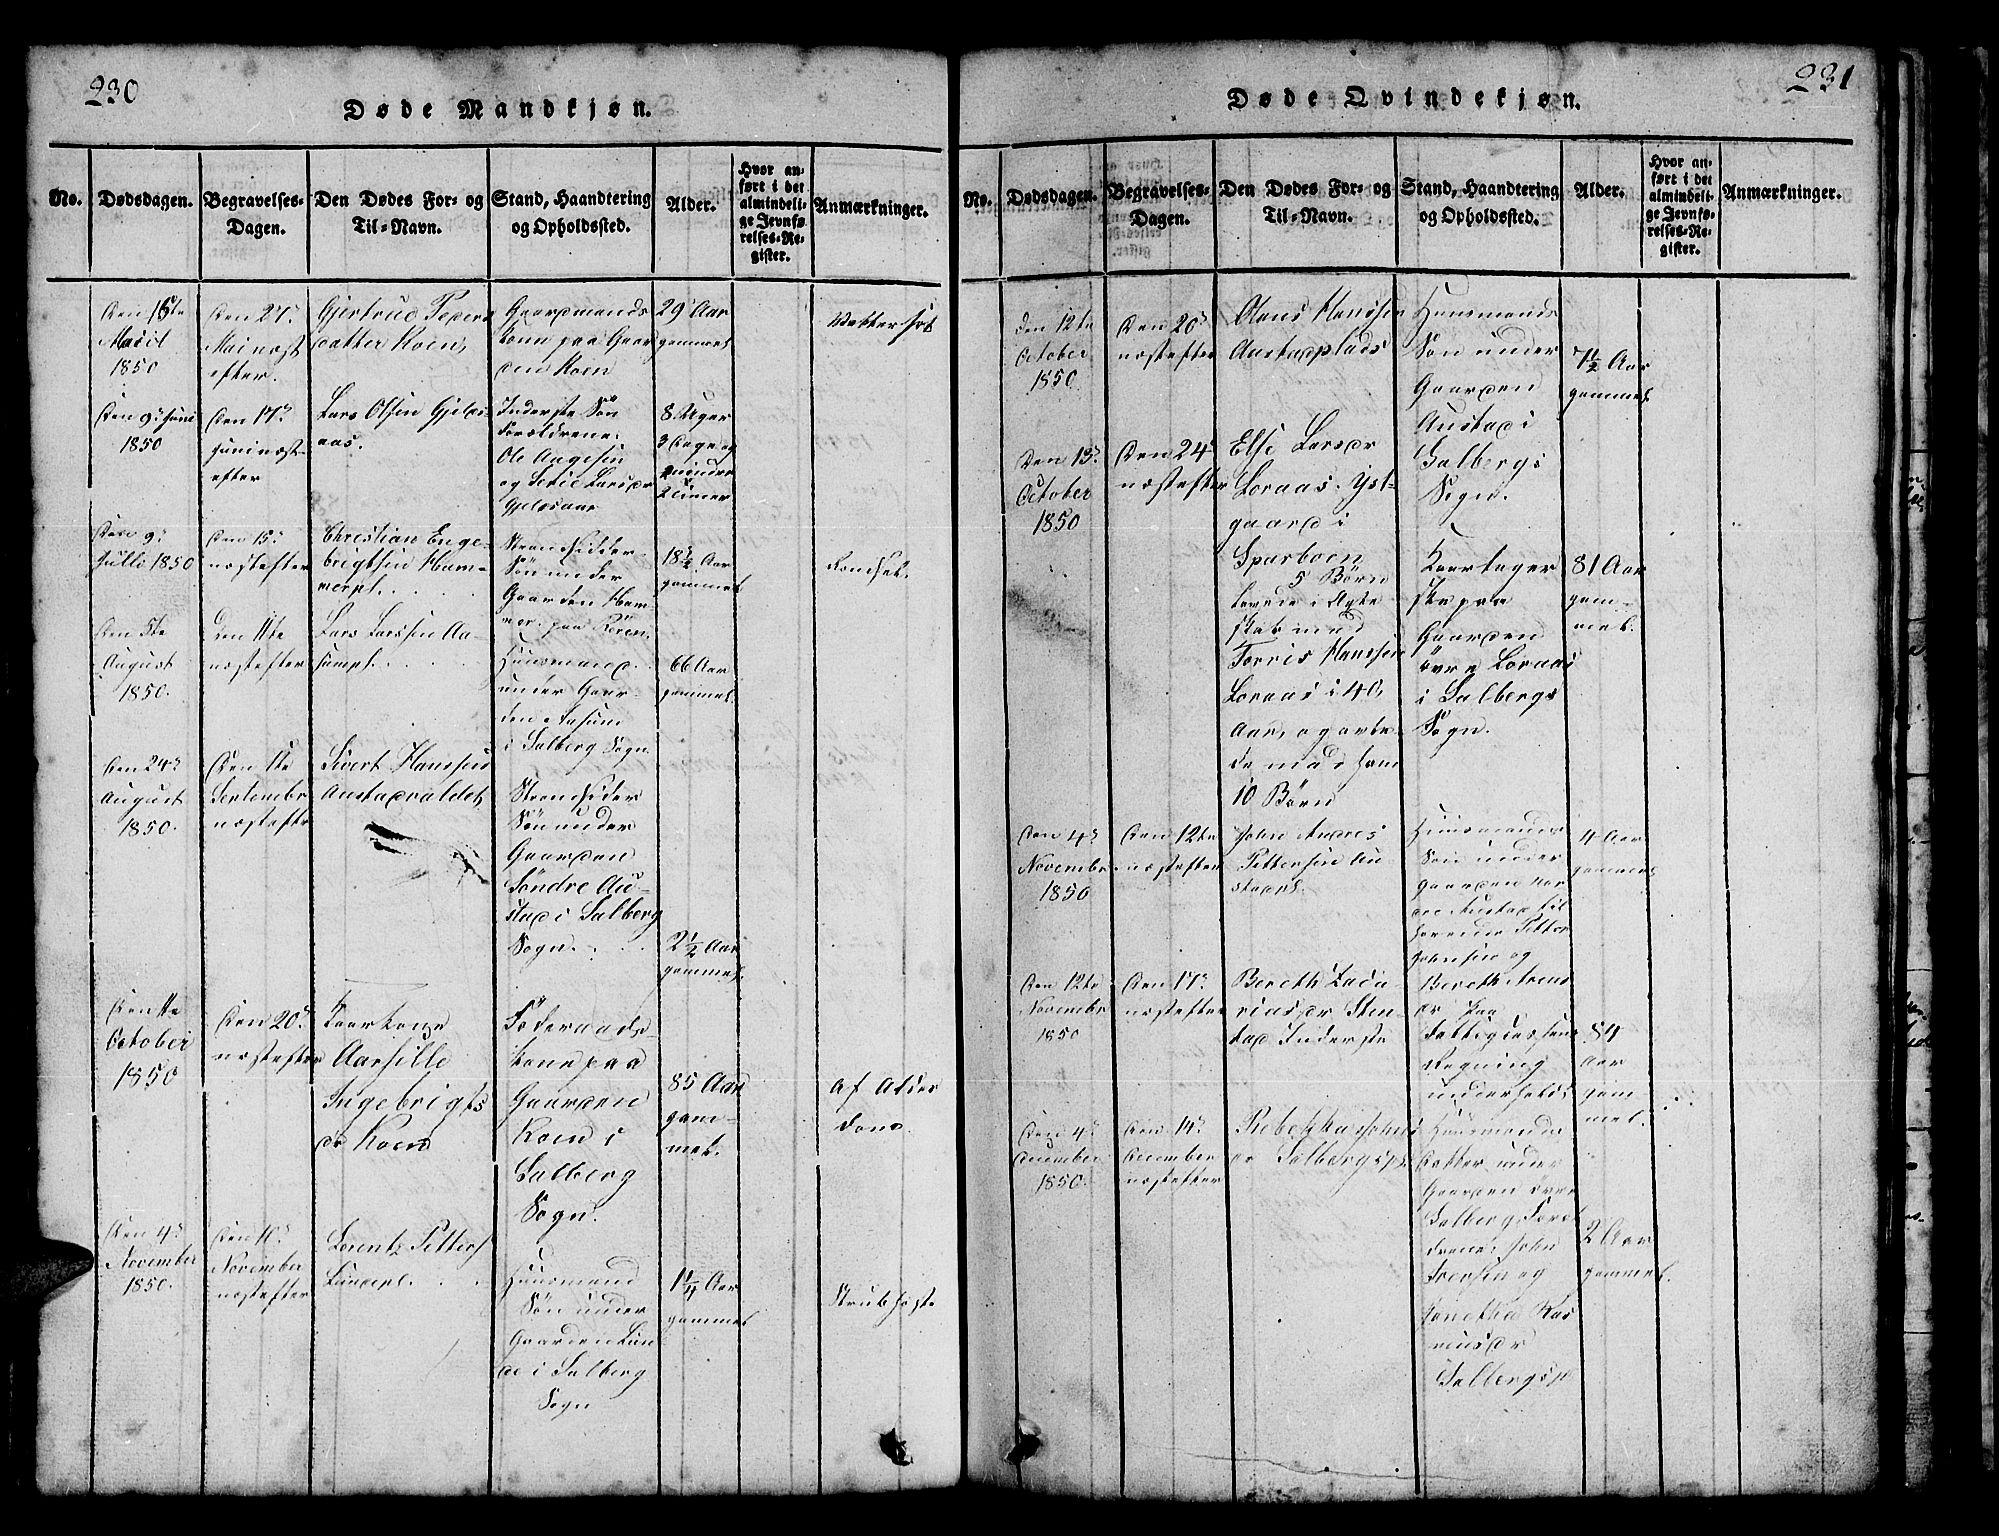 SAT, Ministerialprotokoller, klokkerbøker og fødselsregistre - Nord-Trøndelag, 731/L0310: Klokkerbok nr. 731C01, 1816-1874, s. 230-231